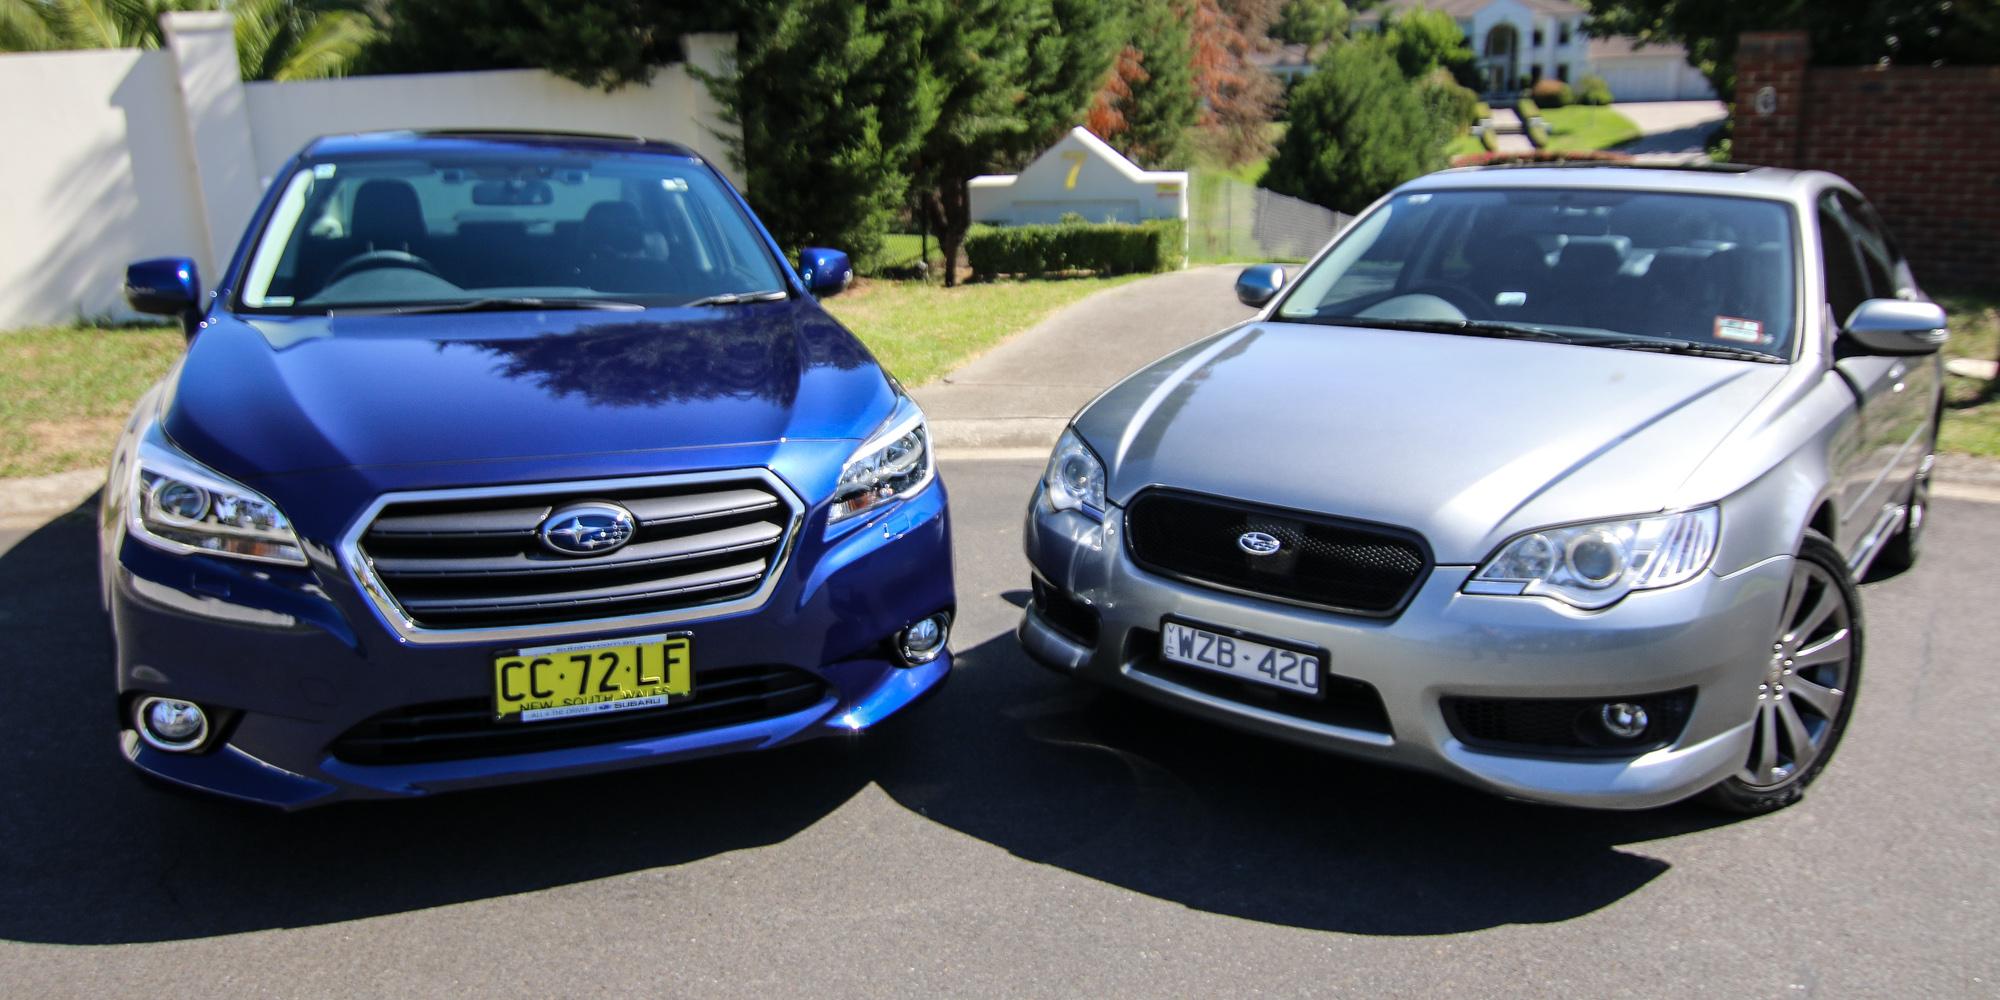 Subaru Legacy 3 6 R >> Subaru Liberty Old v New Comparison: Fourth-generation 3.0R v sixth-gen 3.6R - Photos